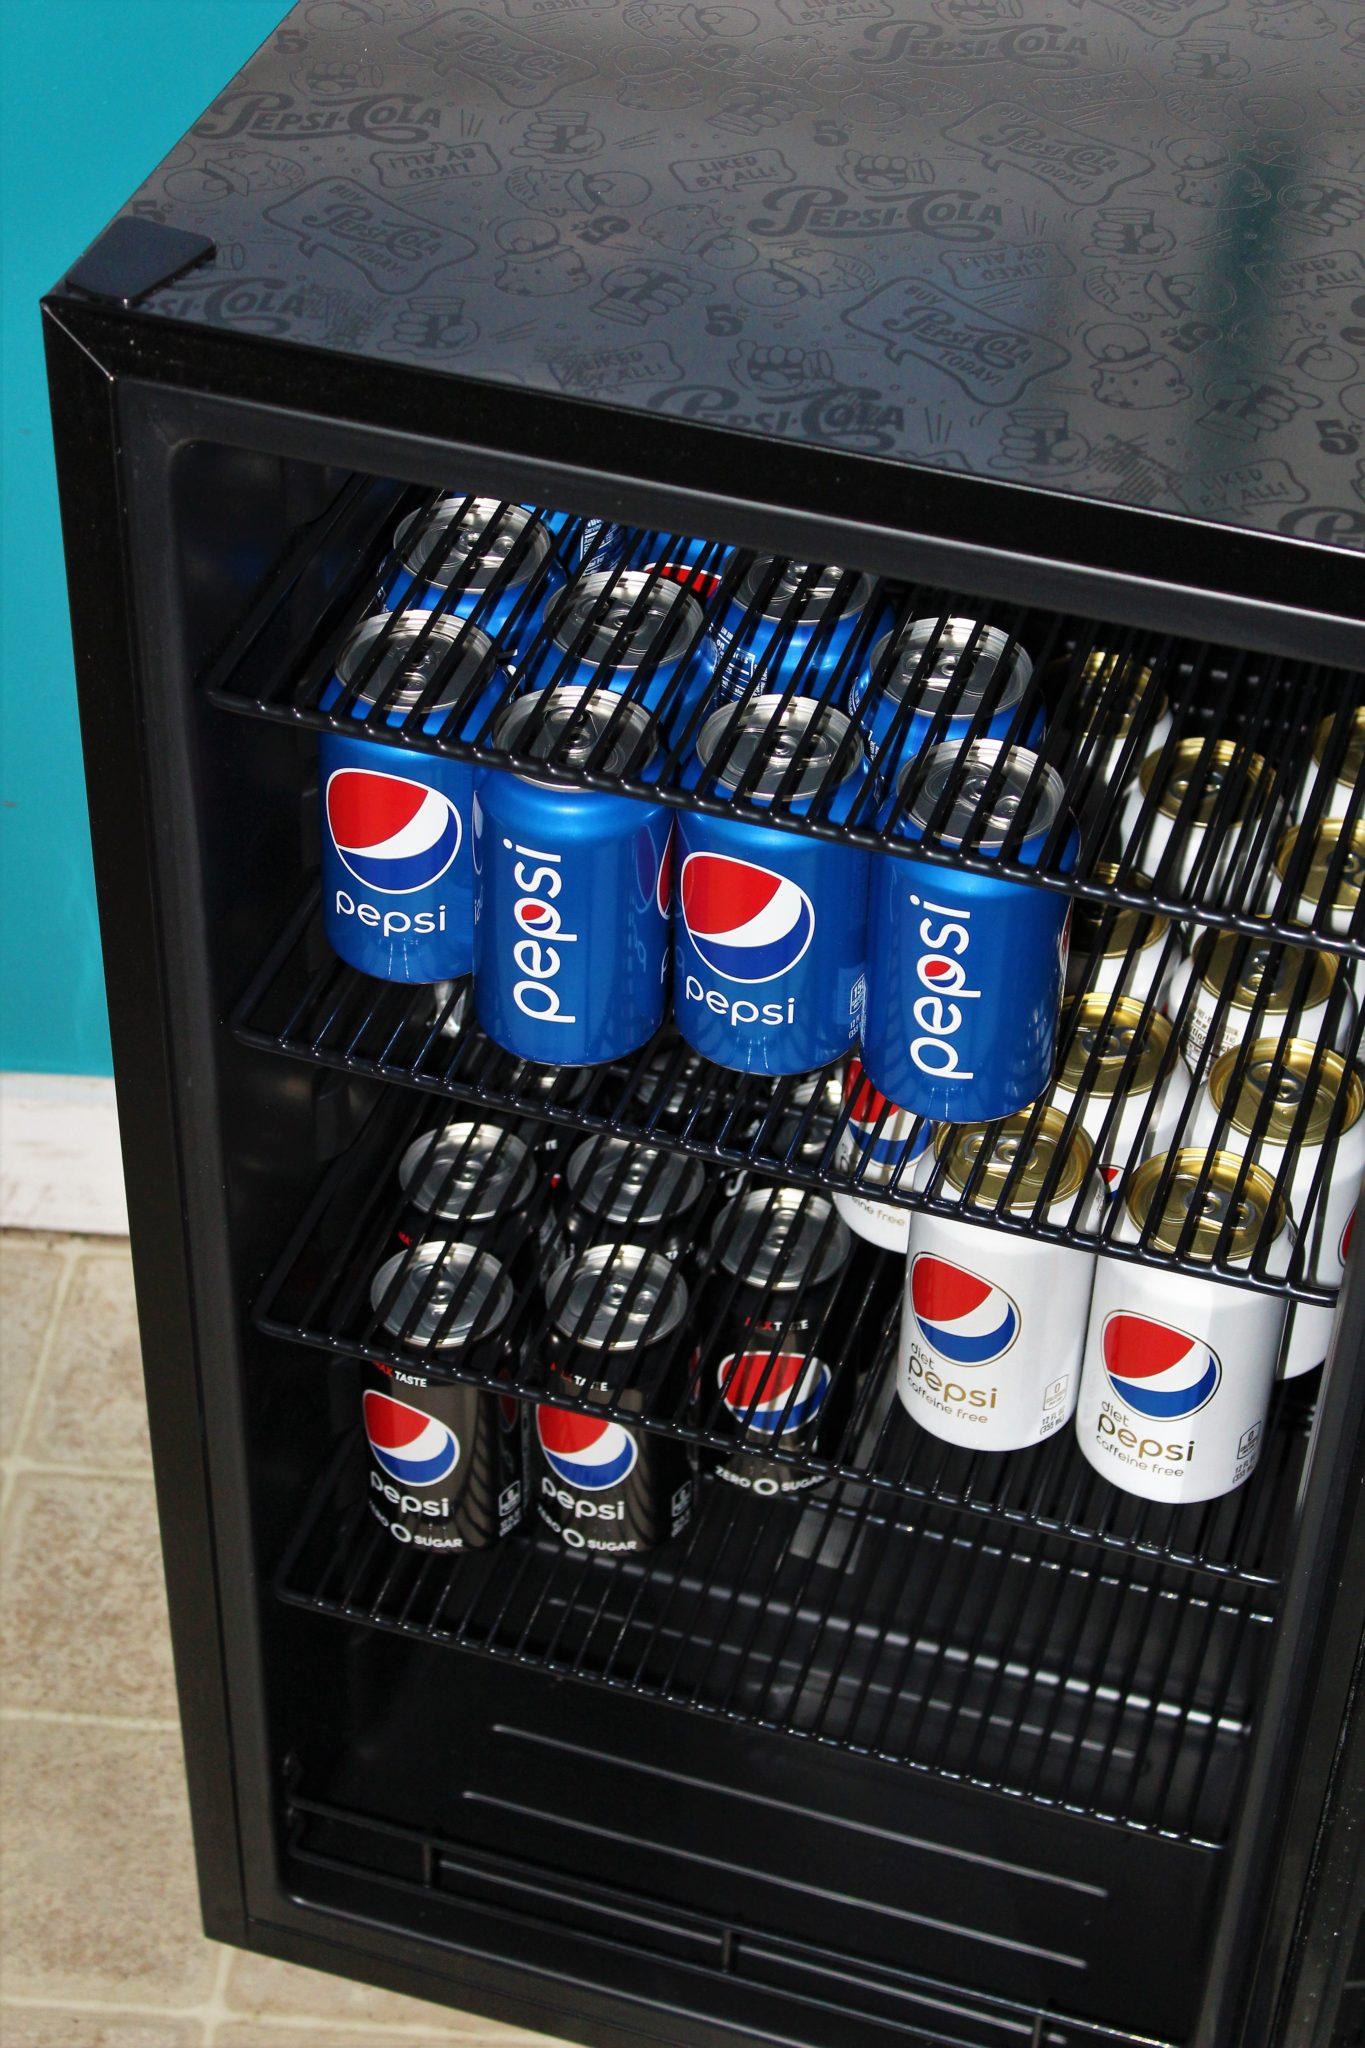 Pepsi Beverage Fridge